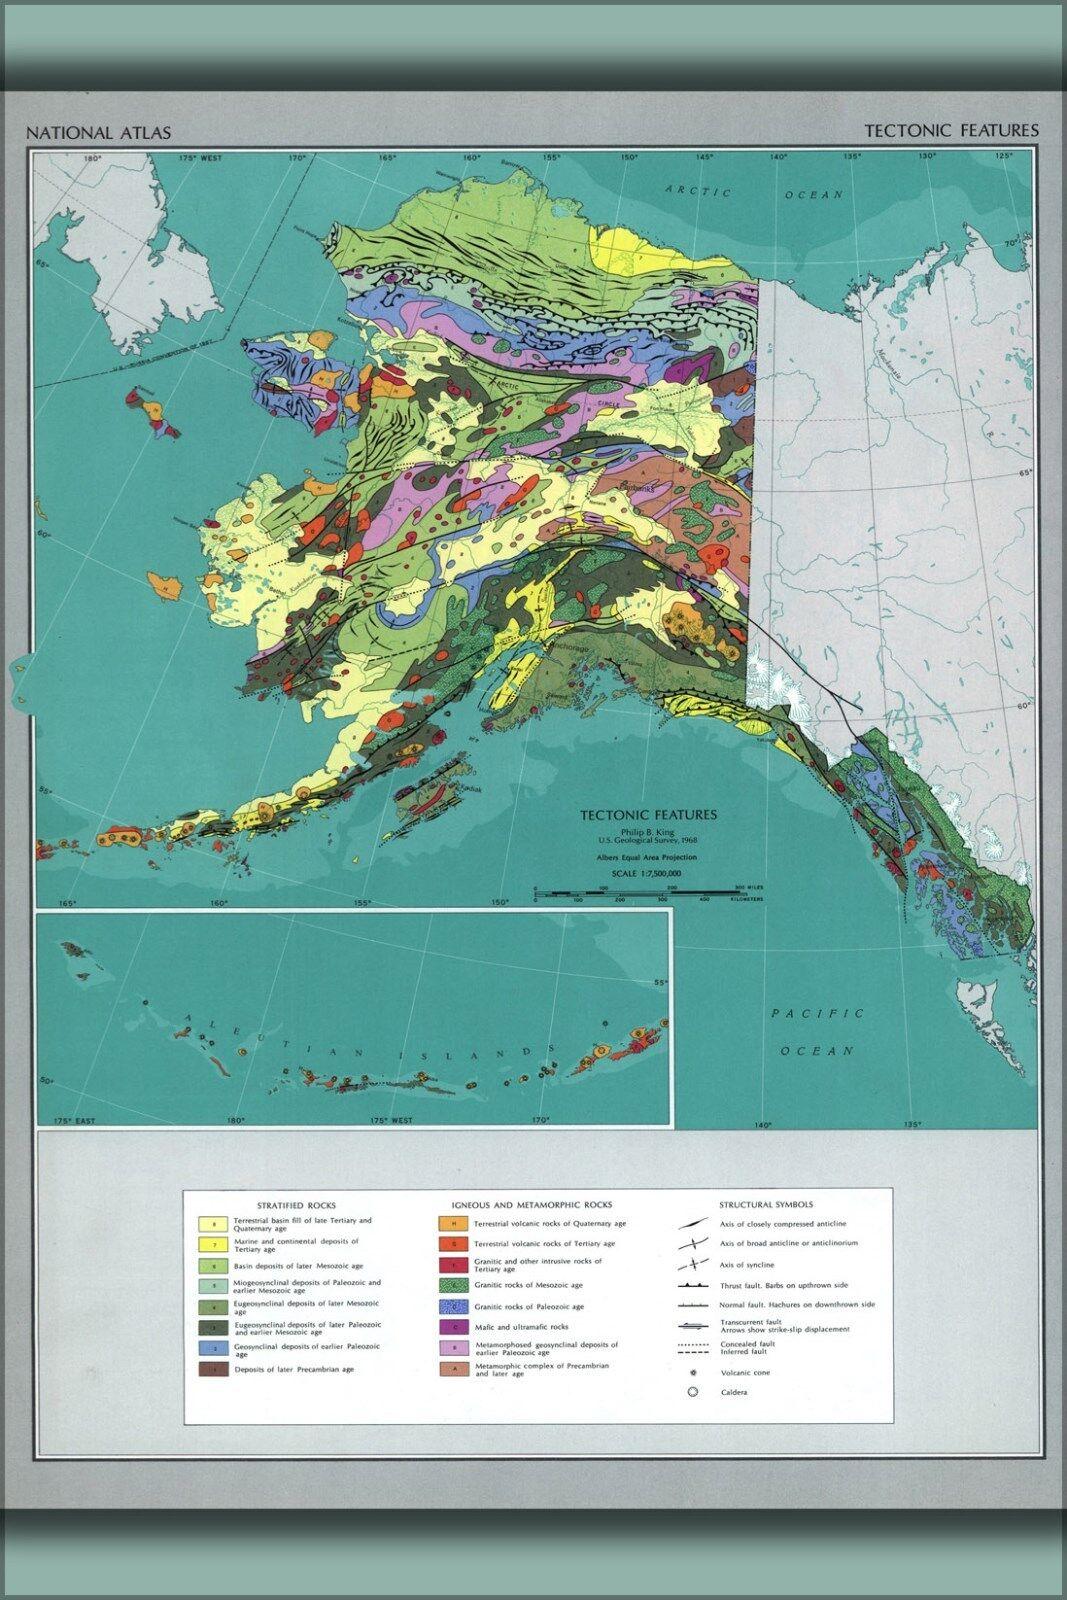 Poster, Molte Misure; Mappa Del Tectonic Fattezze Of Alaska